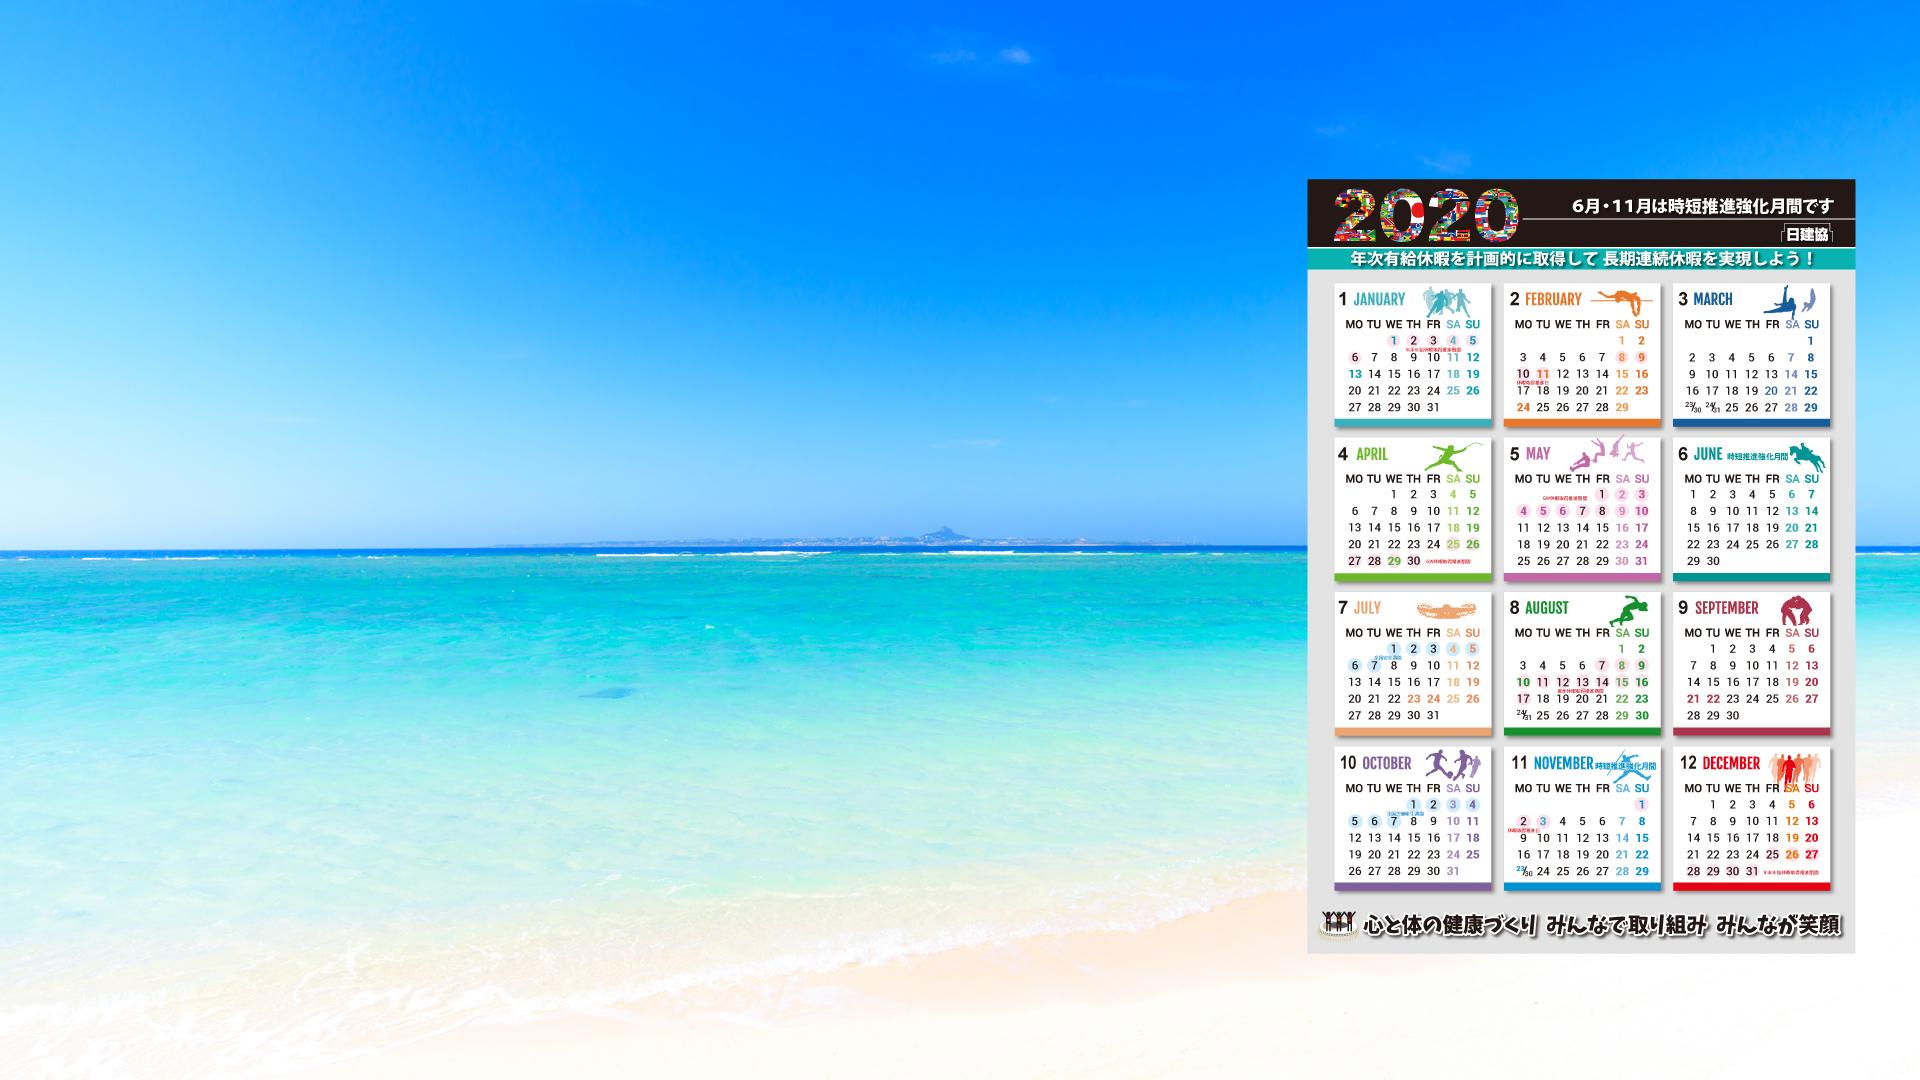 2020年カレンダーと壁紙ができました Jcu 日建協